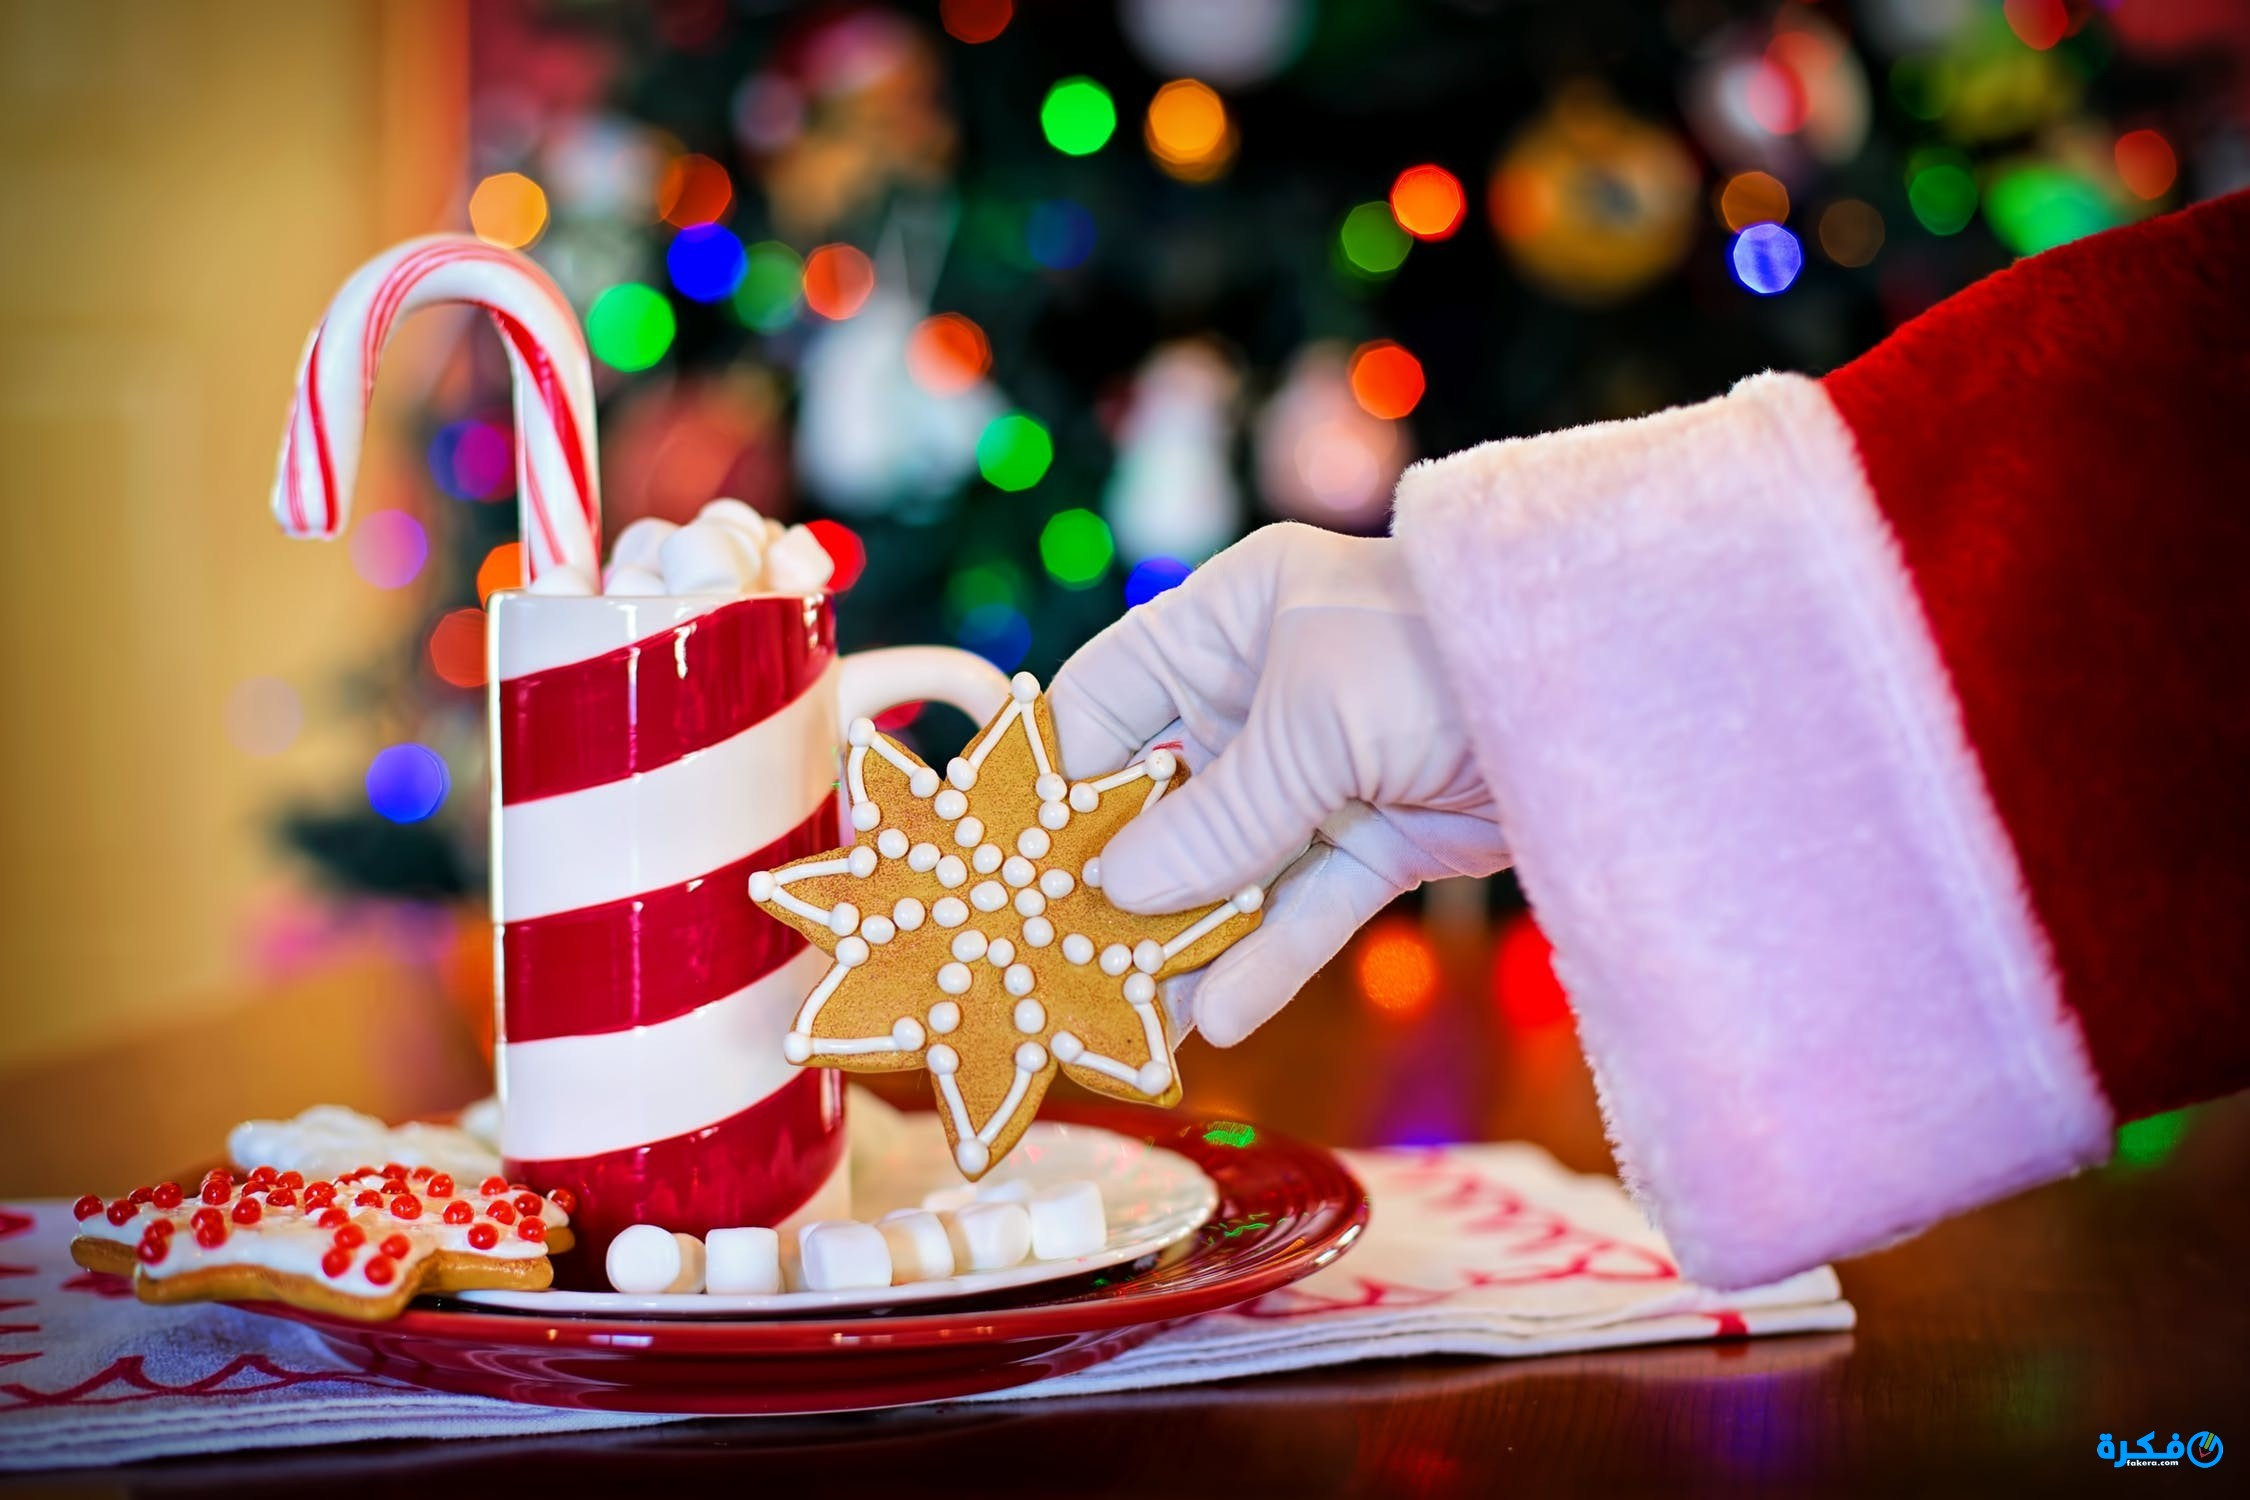 صور عيد الميلاد الكريسماس 2019